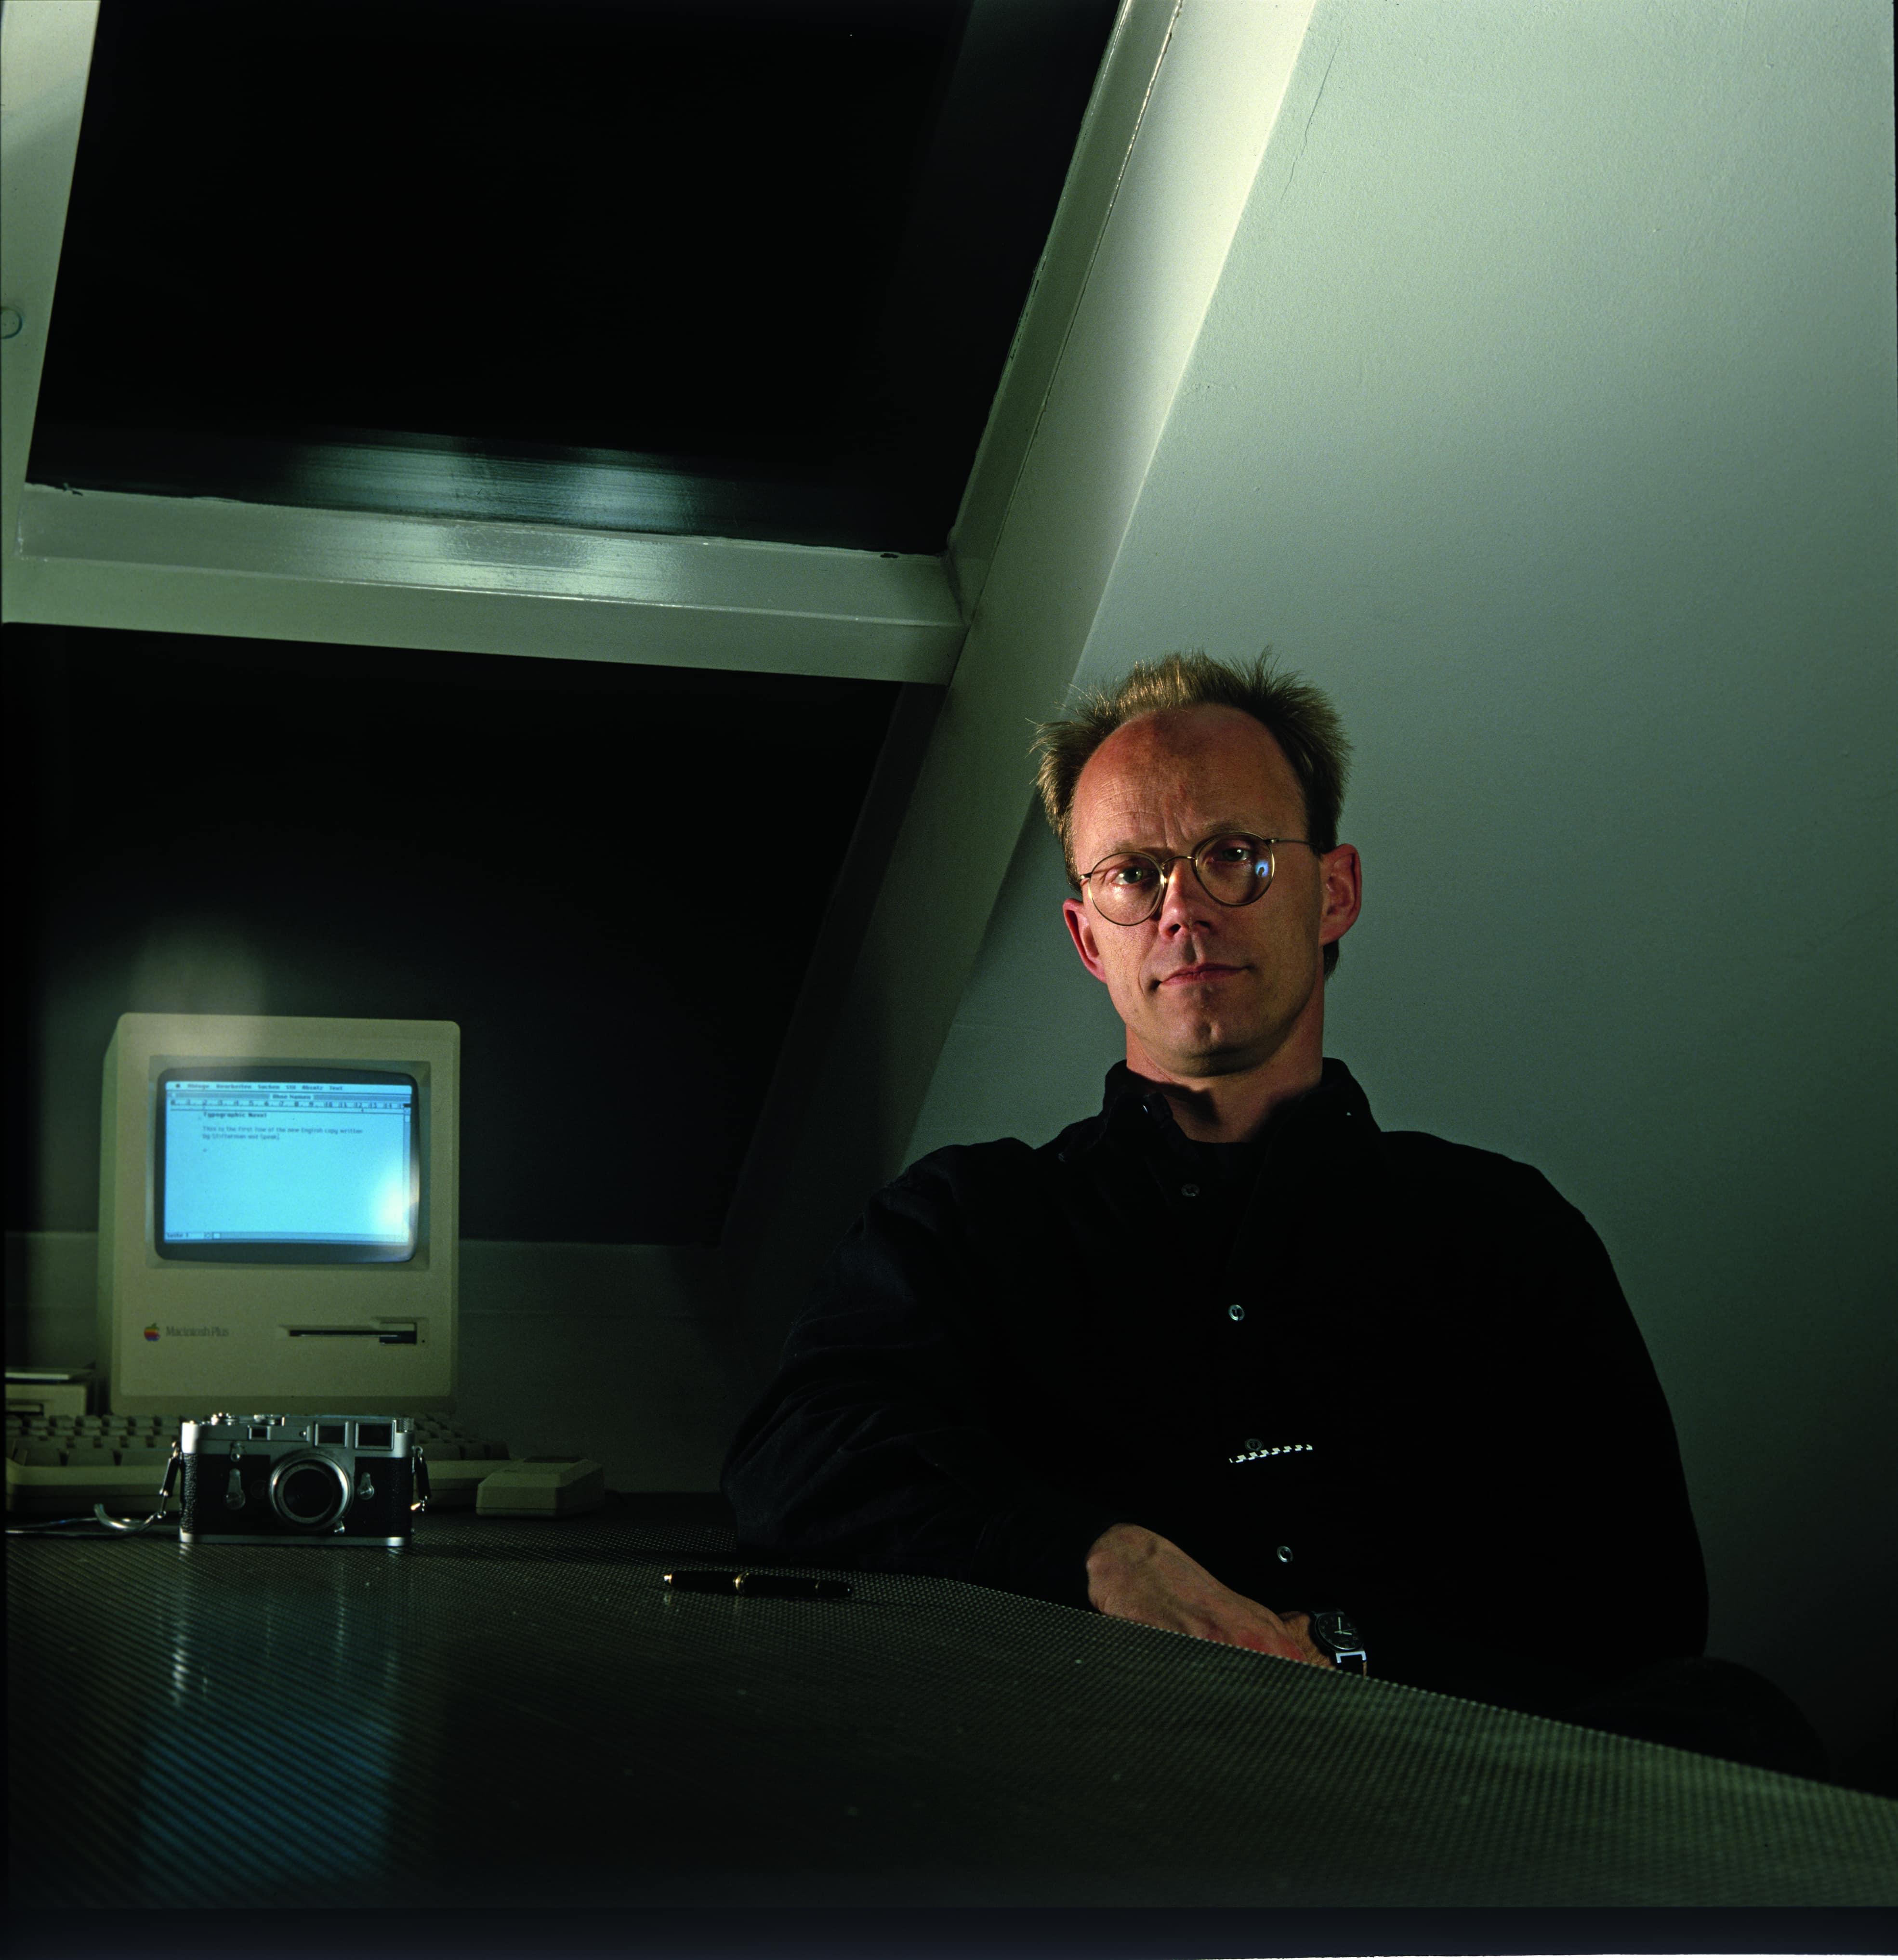 Bureau Johannes Erler – Hallo ich bin Erik